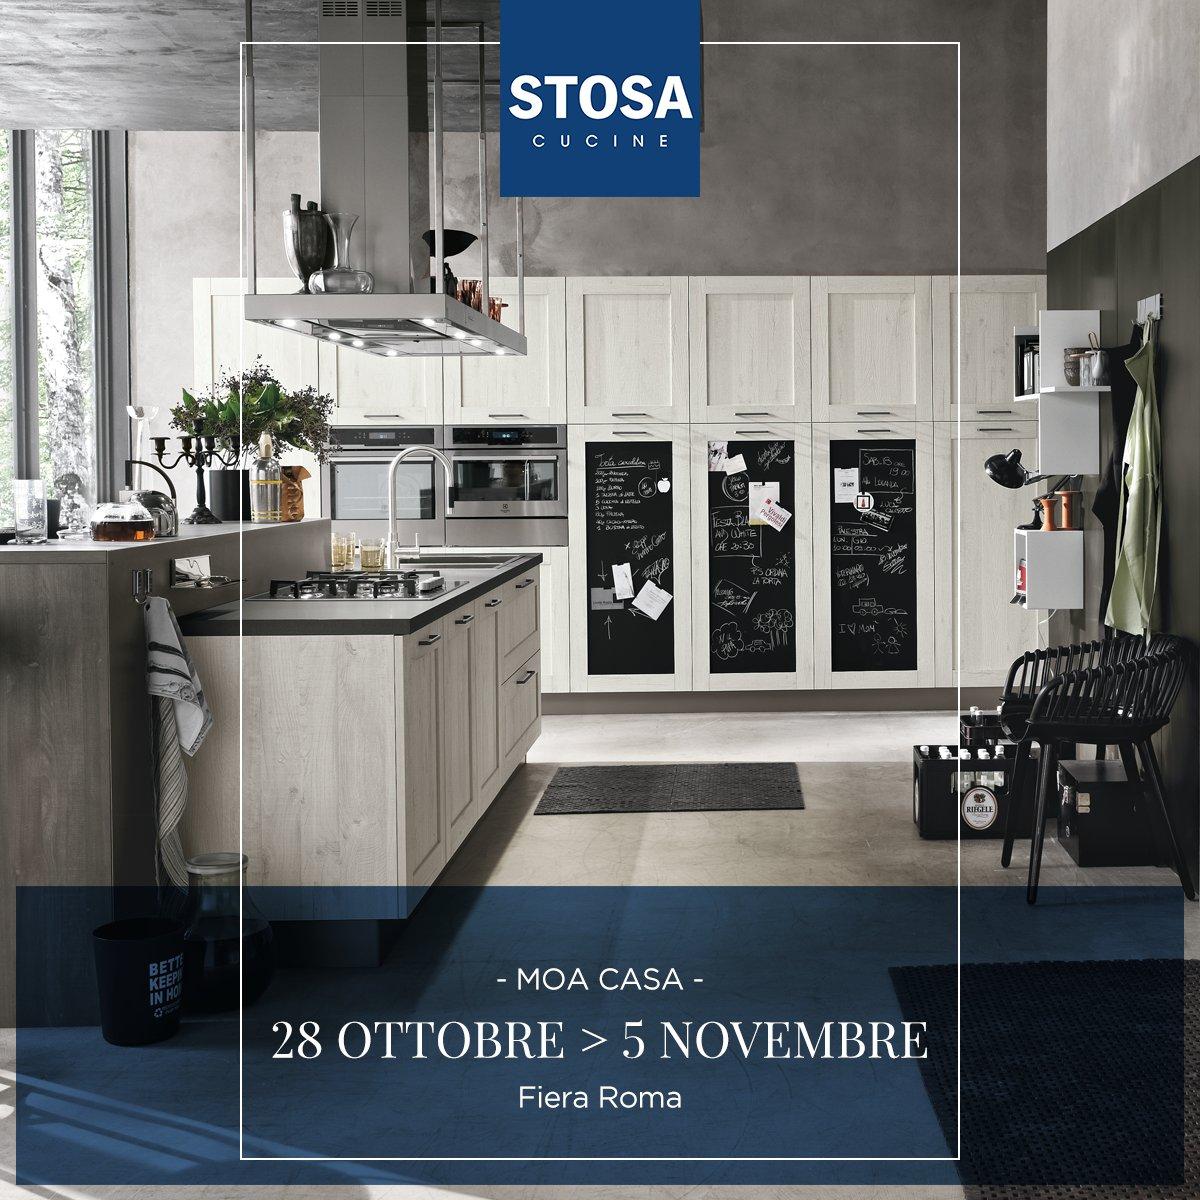 Stosa Cucine on Twitter: \